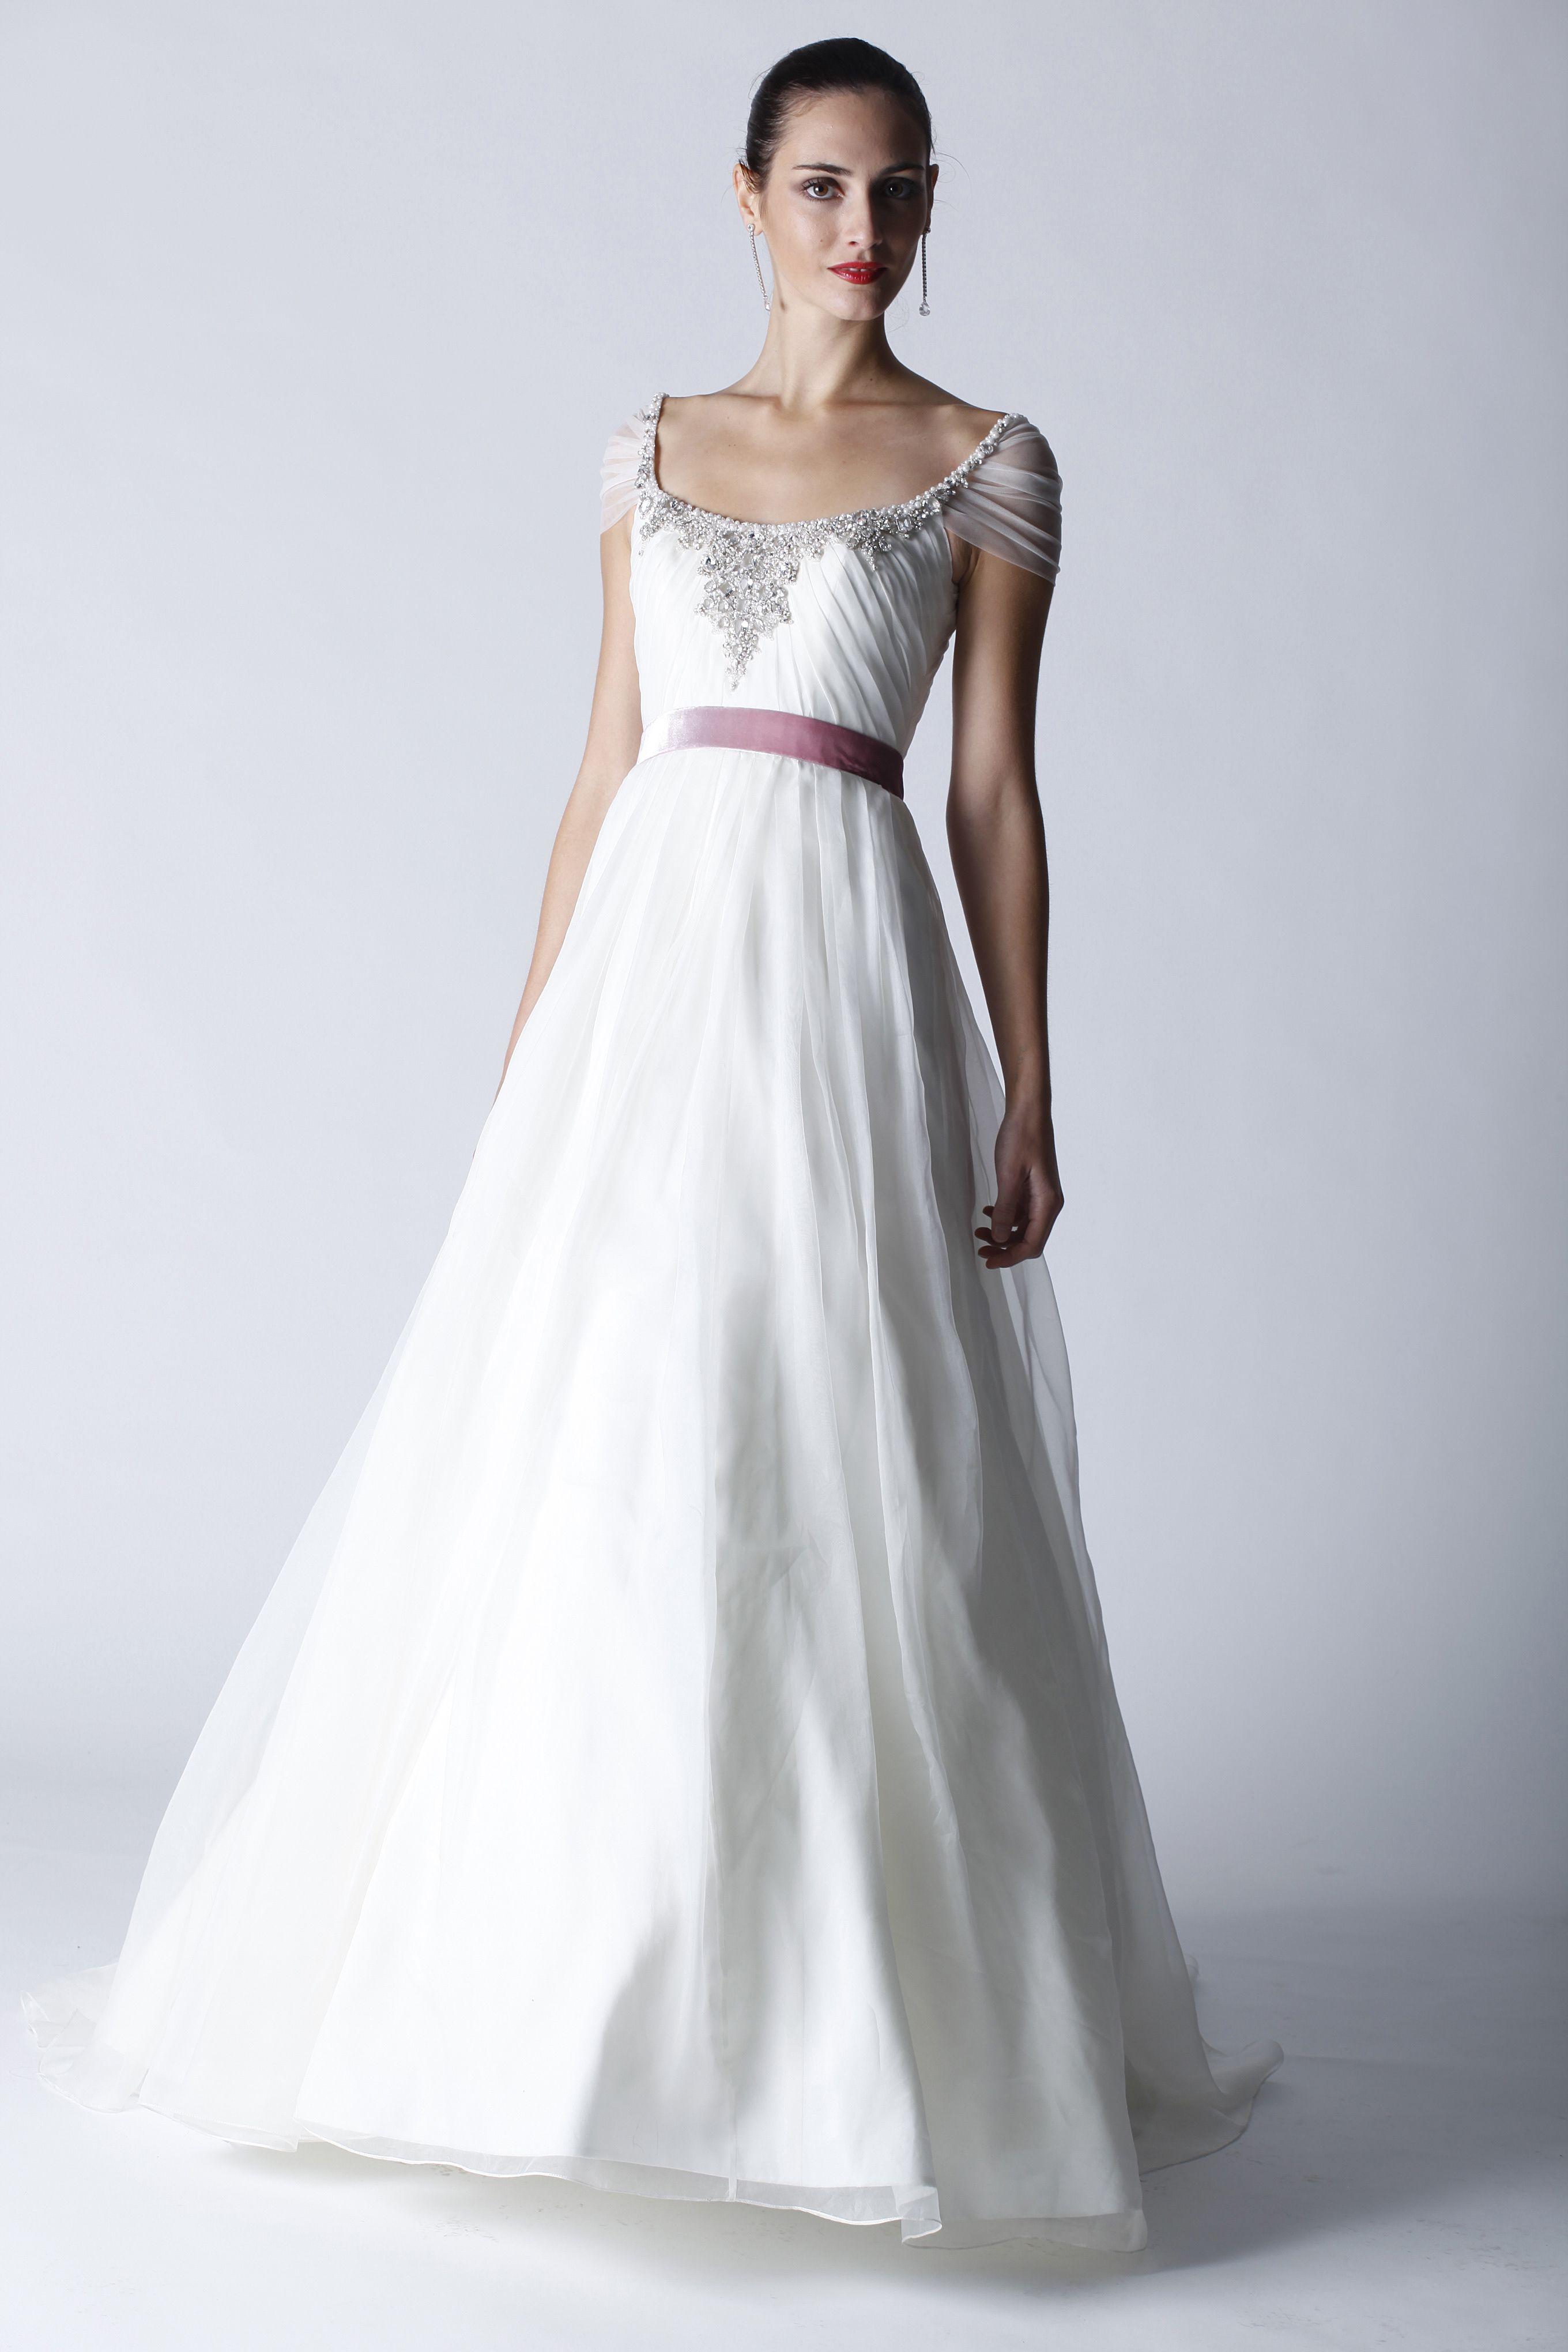 Priscilla of Boston 4706 Wedding dresses, Designer